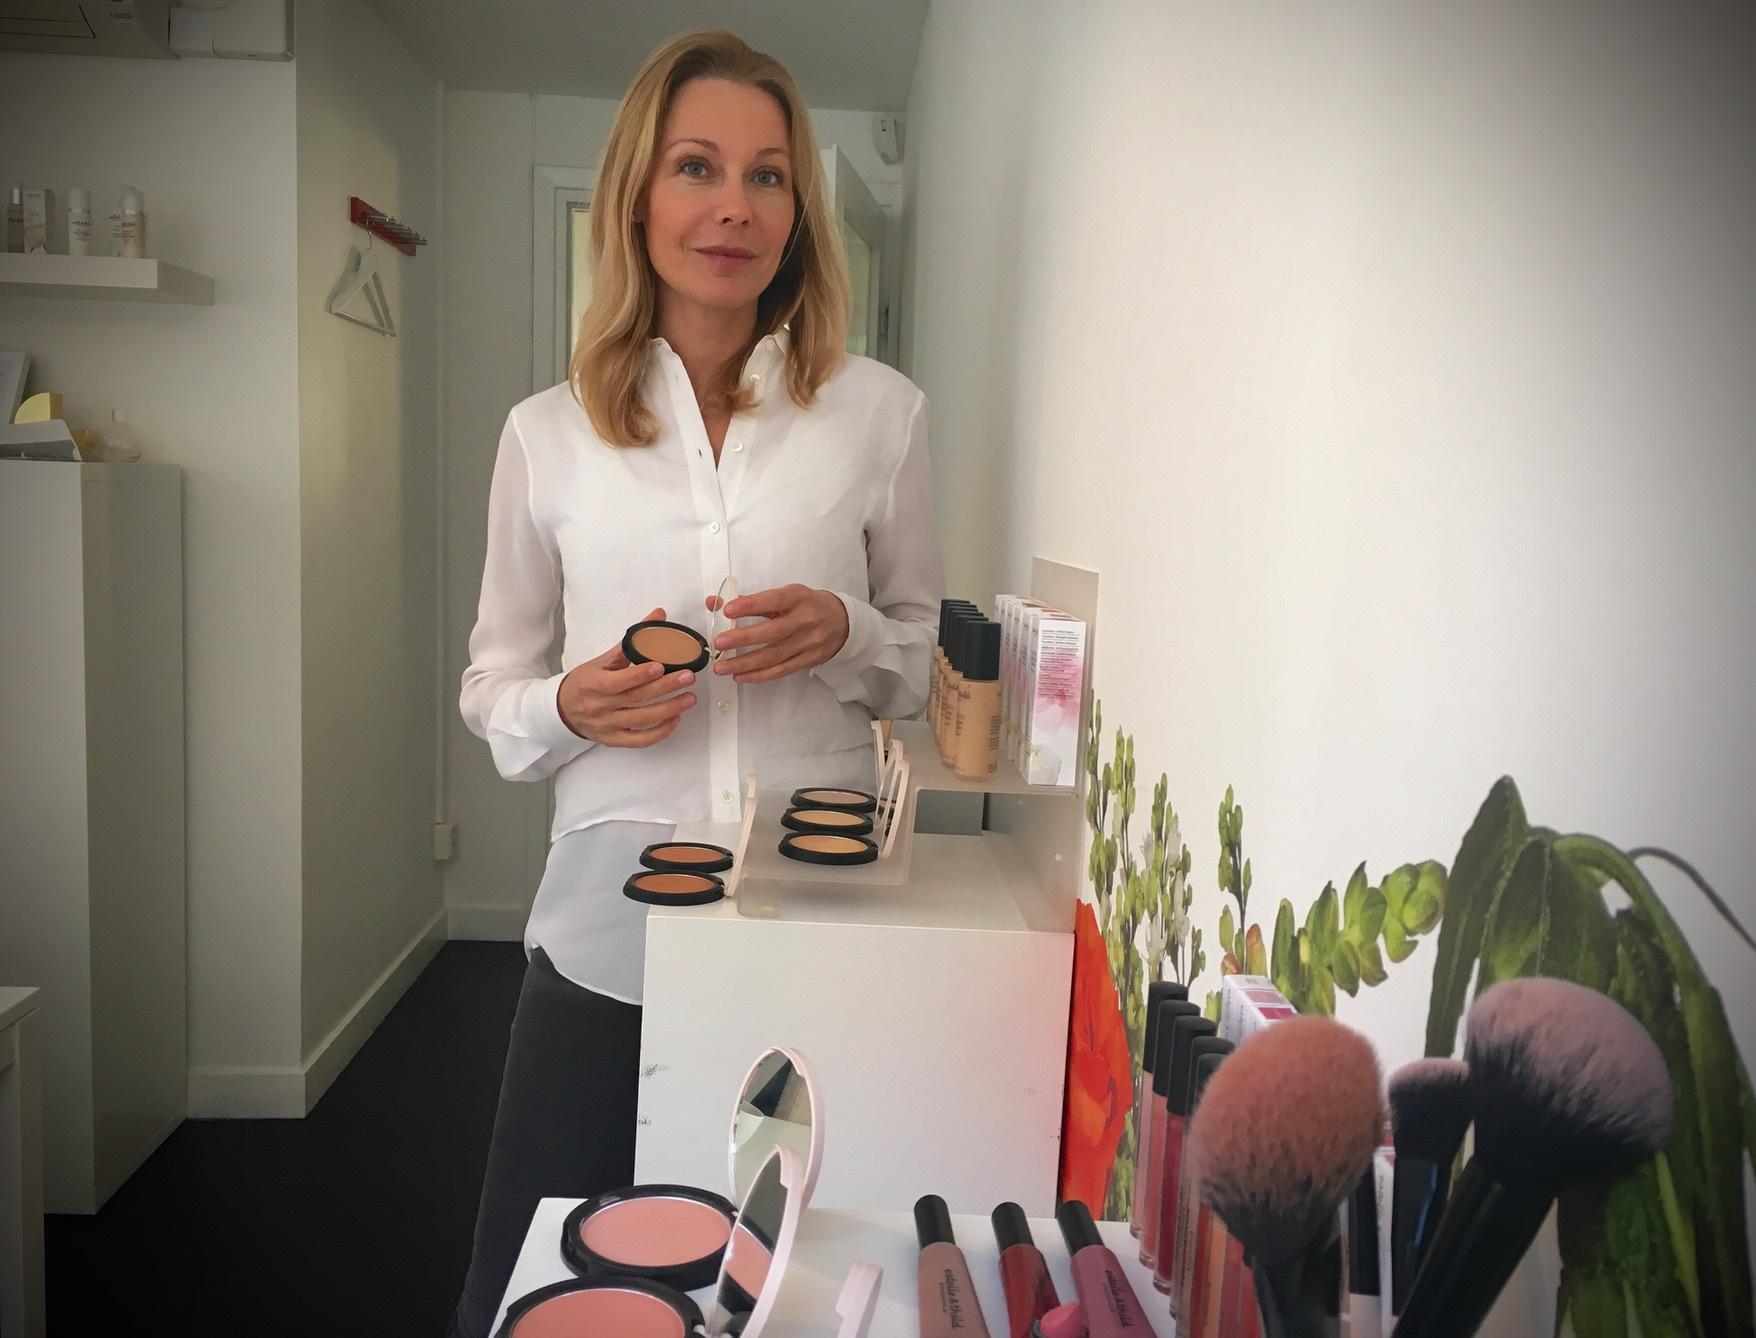 Pernilla Rönnberg är vd och grundare av Estelle & Thild Stockholm som har växt till ett stort internationellt varumärke under sina första 10 år.